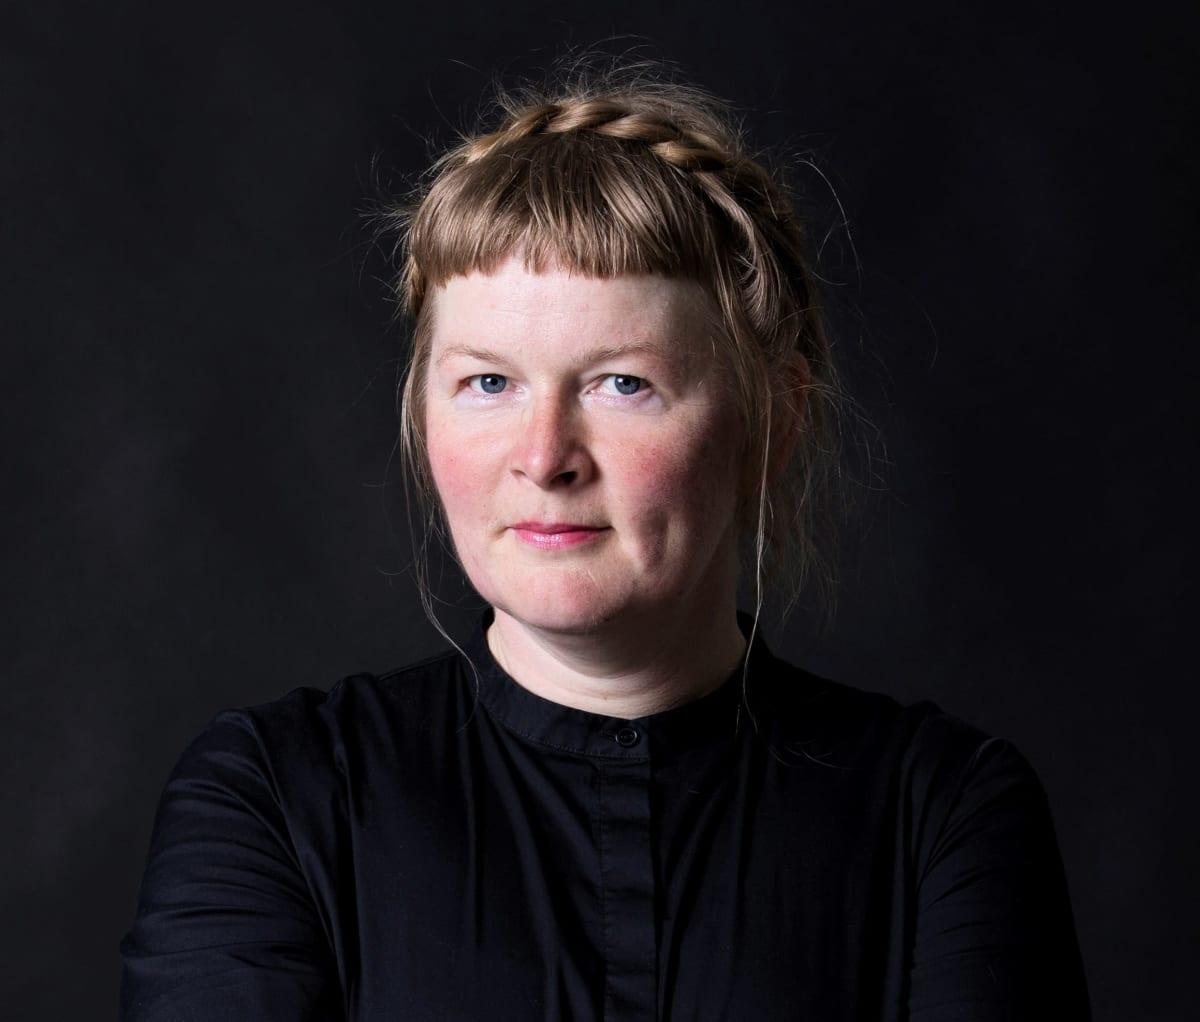 väitöskirjatutkija Erica Åberg